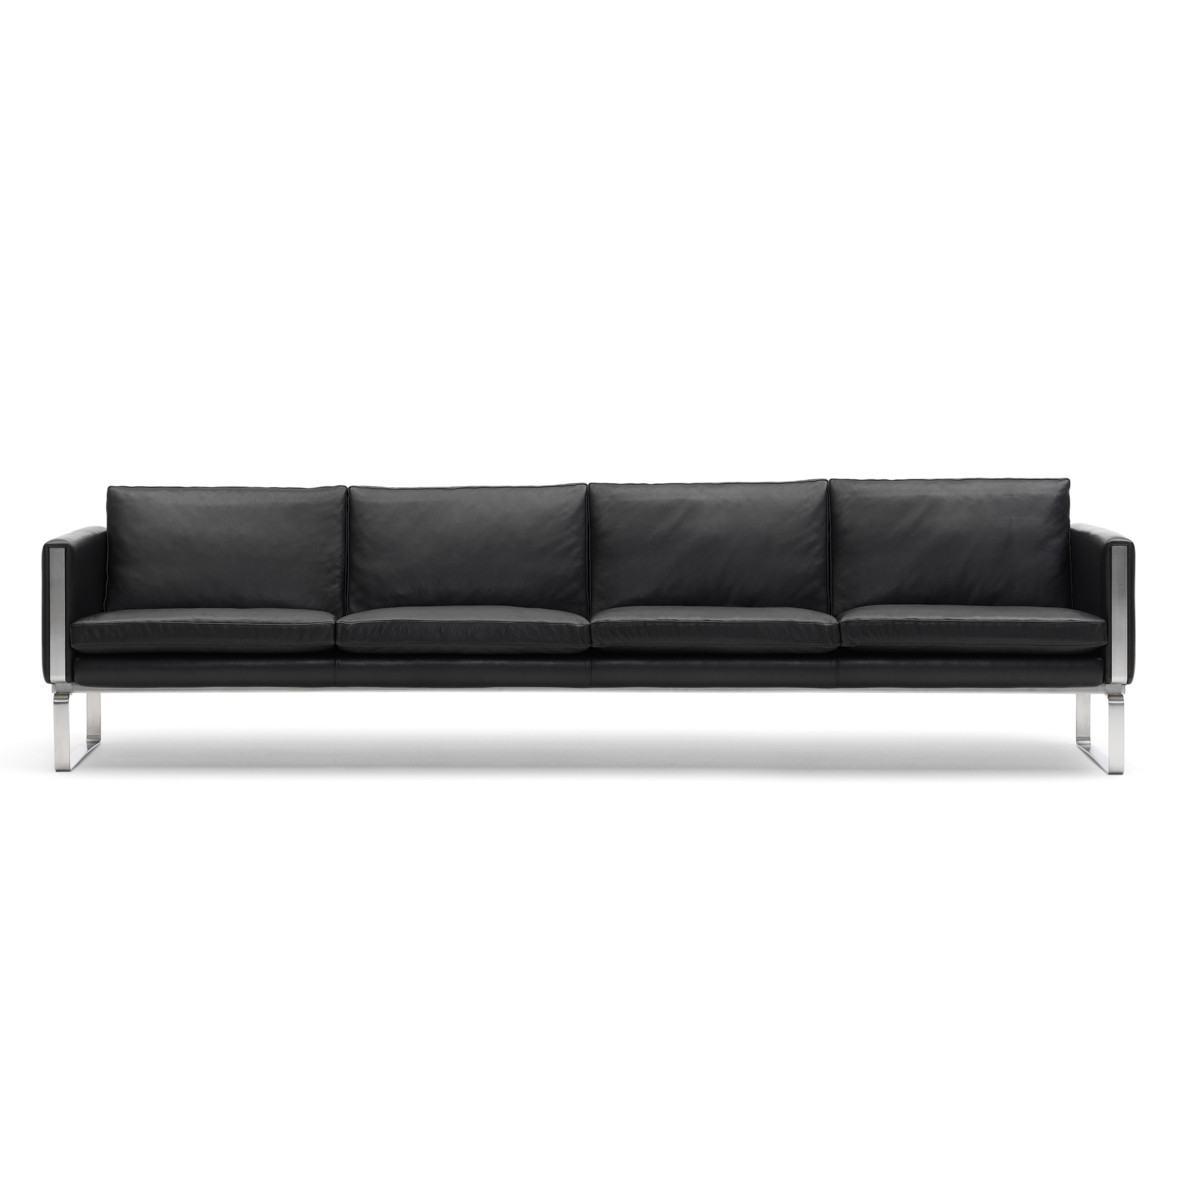 Carl Hansen CH104 Sofa